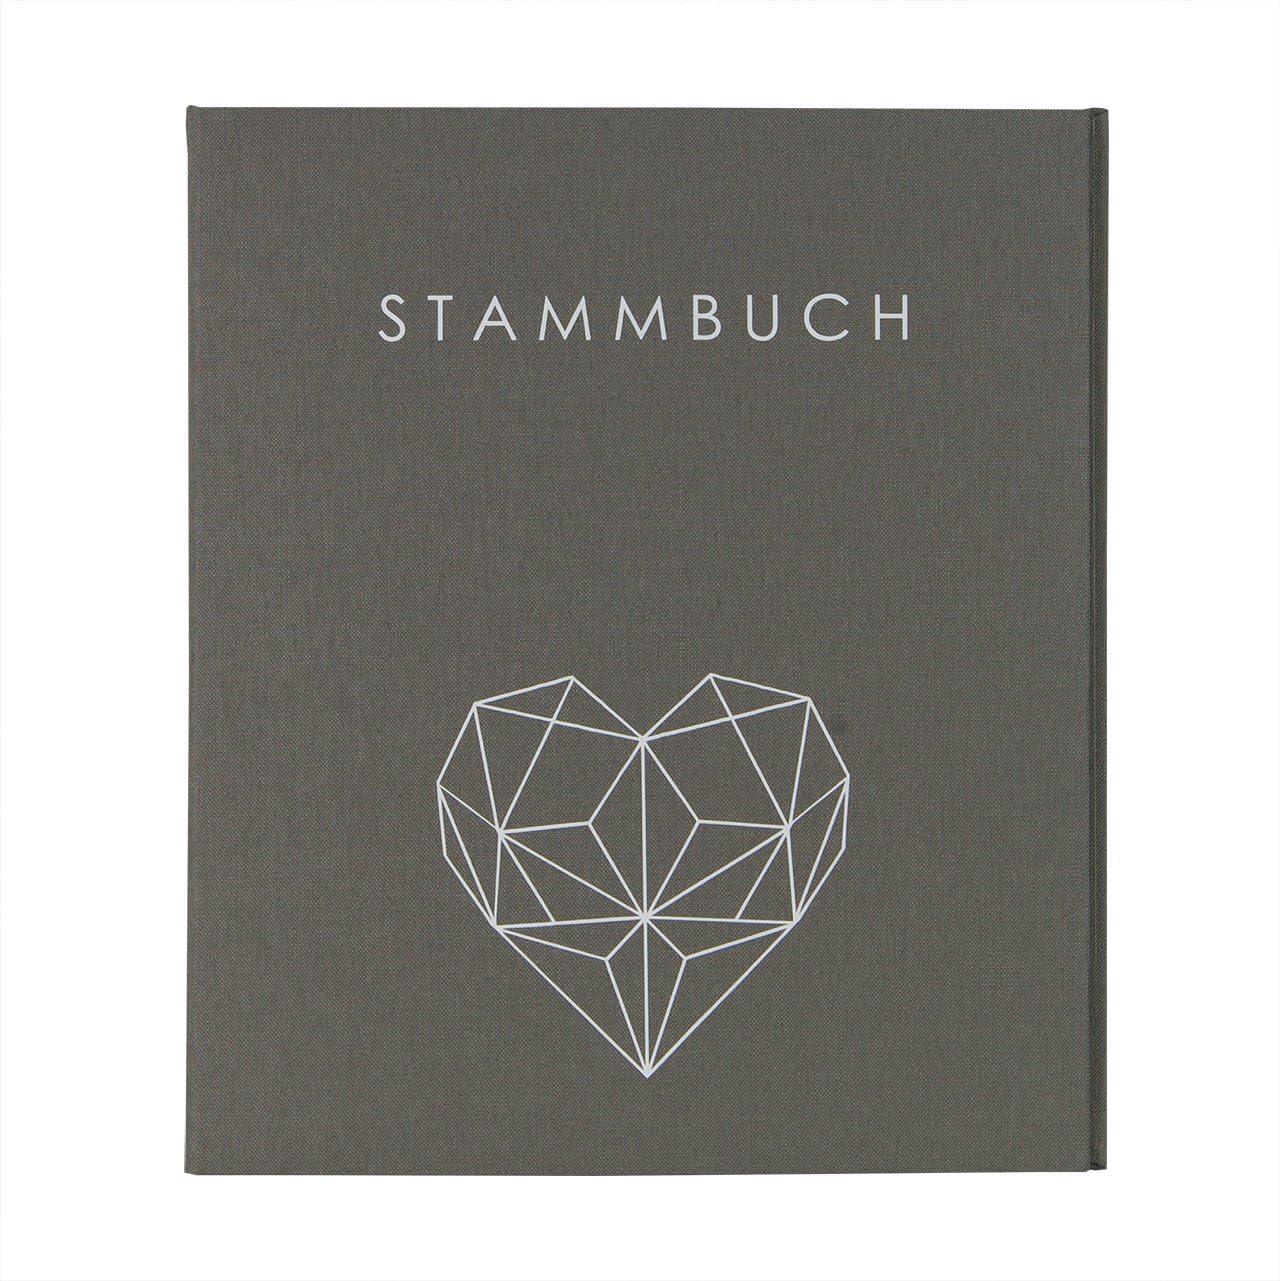 Hochzeitideal - Libro de Familia (DIN A5, Lino), diseño geométrico, Color Gris: Amazon.es: Hogar